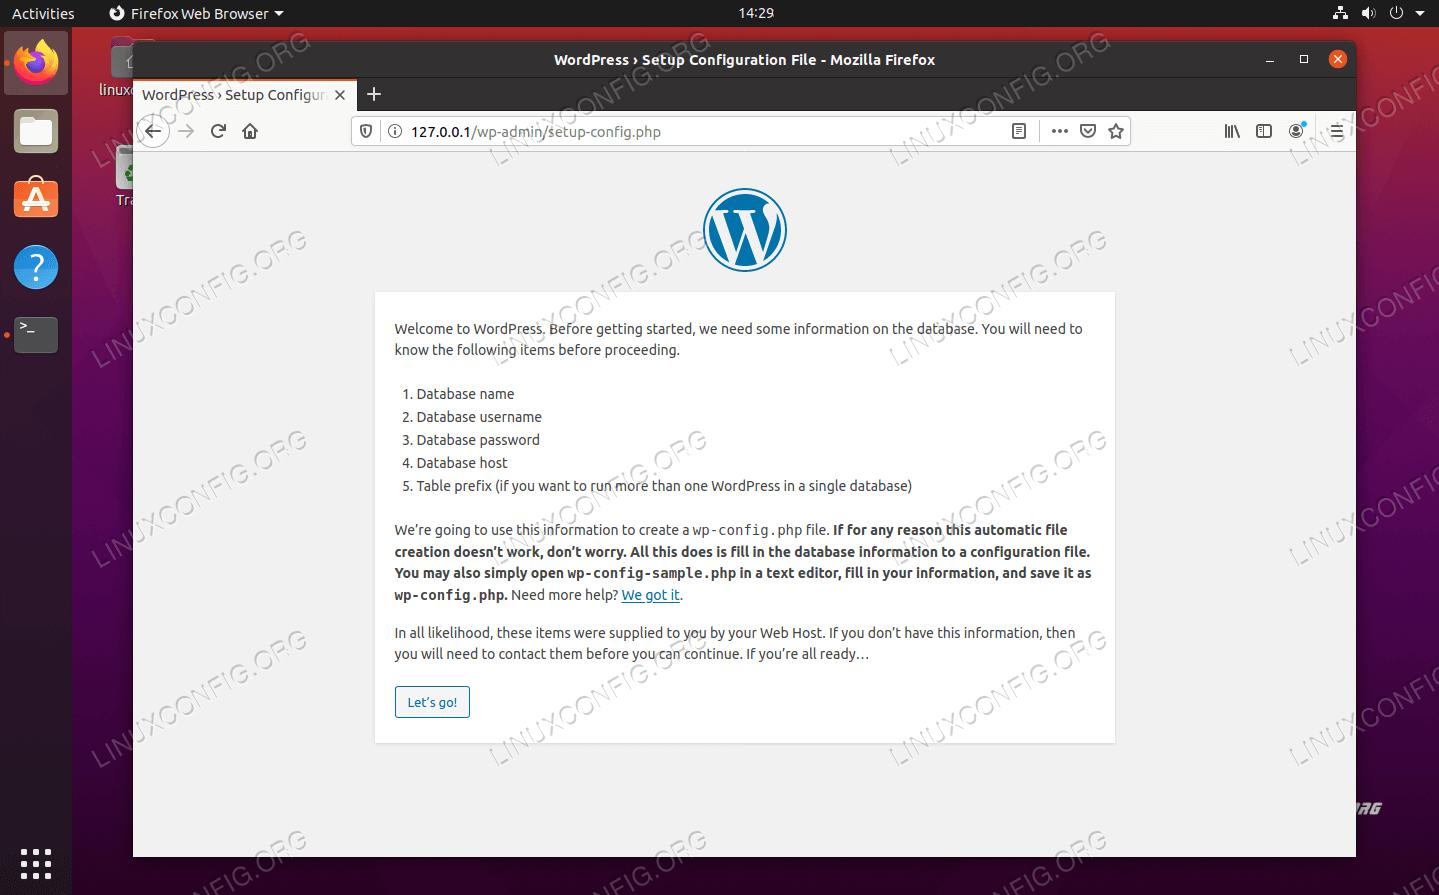 WordPress setup page